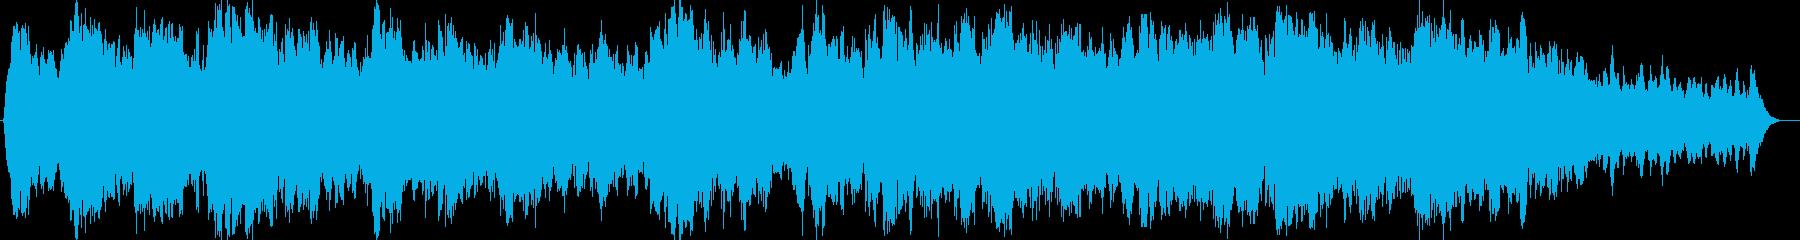 神秘的なヒーリングのシンセサイザー楽曲の再生済みの波形